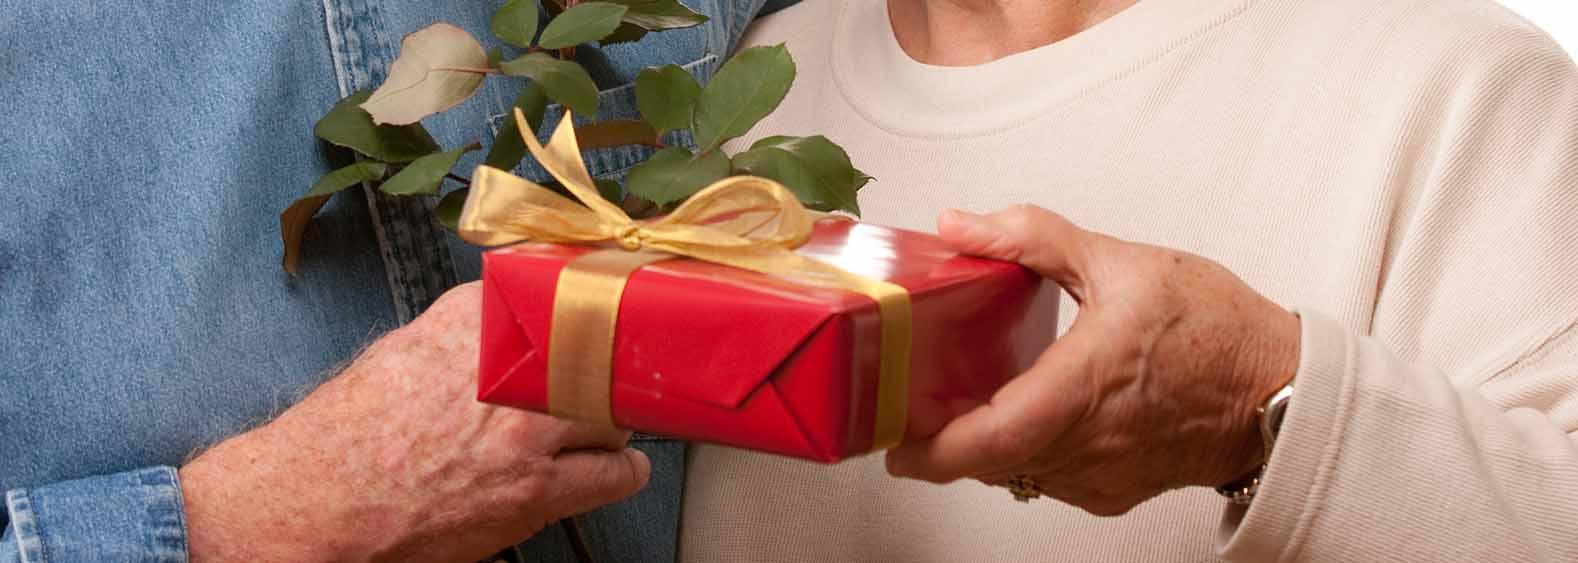 Vánoční dárky pro babičku a dědu